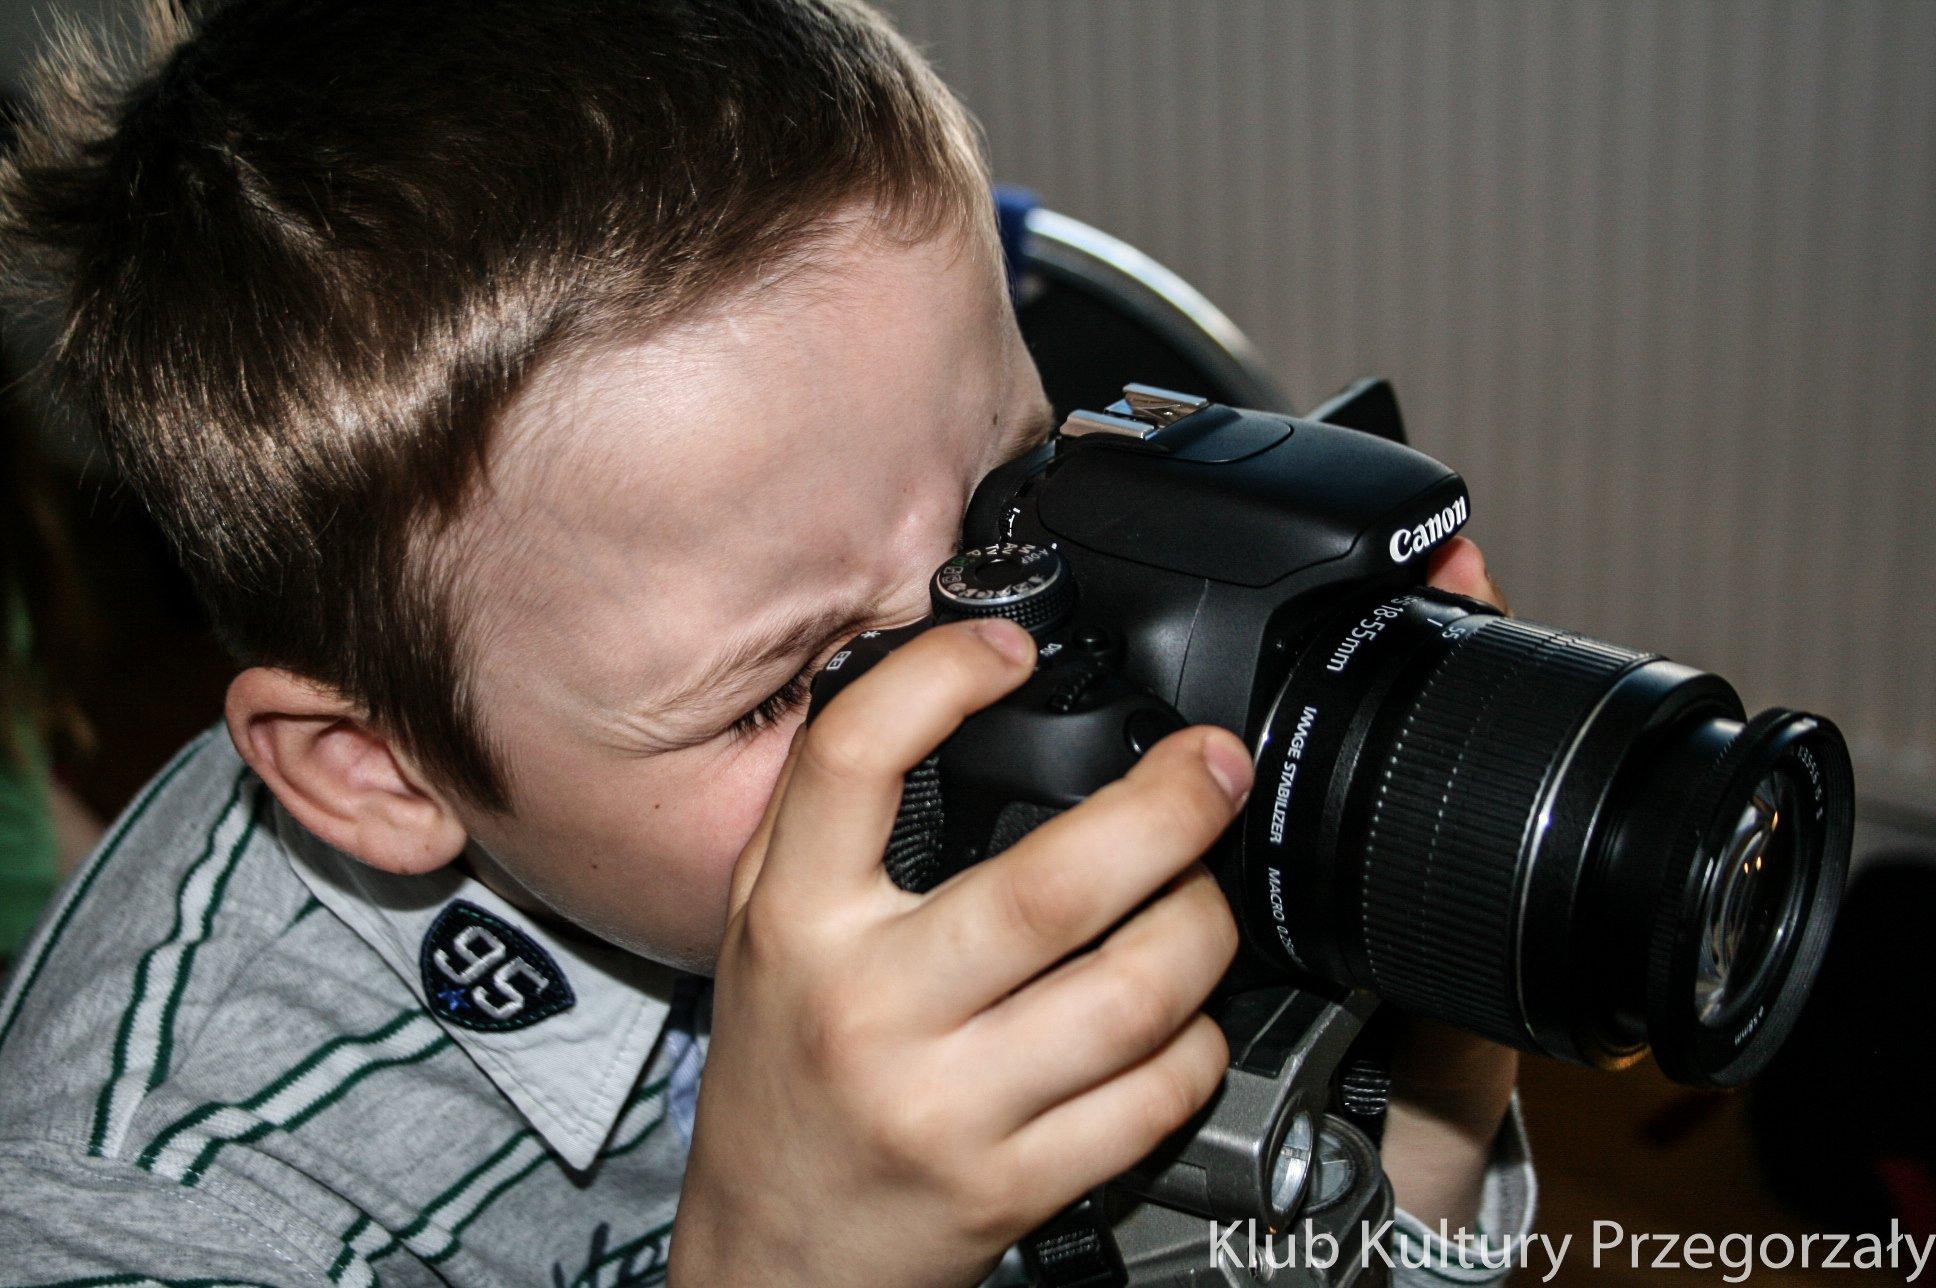 Konkurs fotograficzny Zwierzyniec wpadł mi w oko